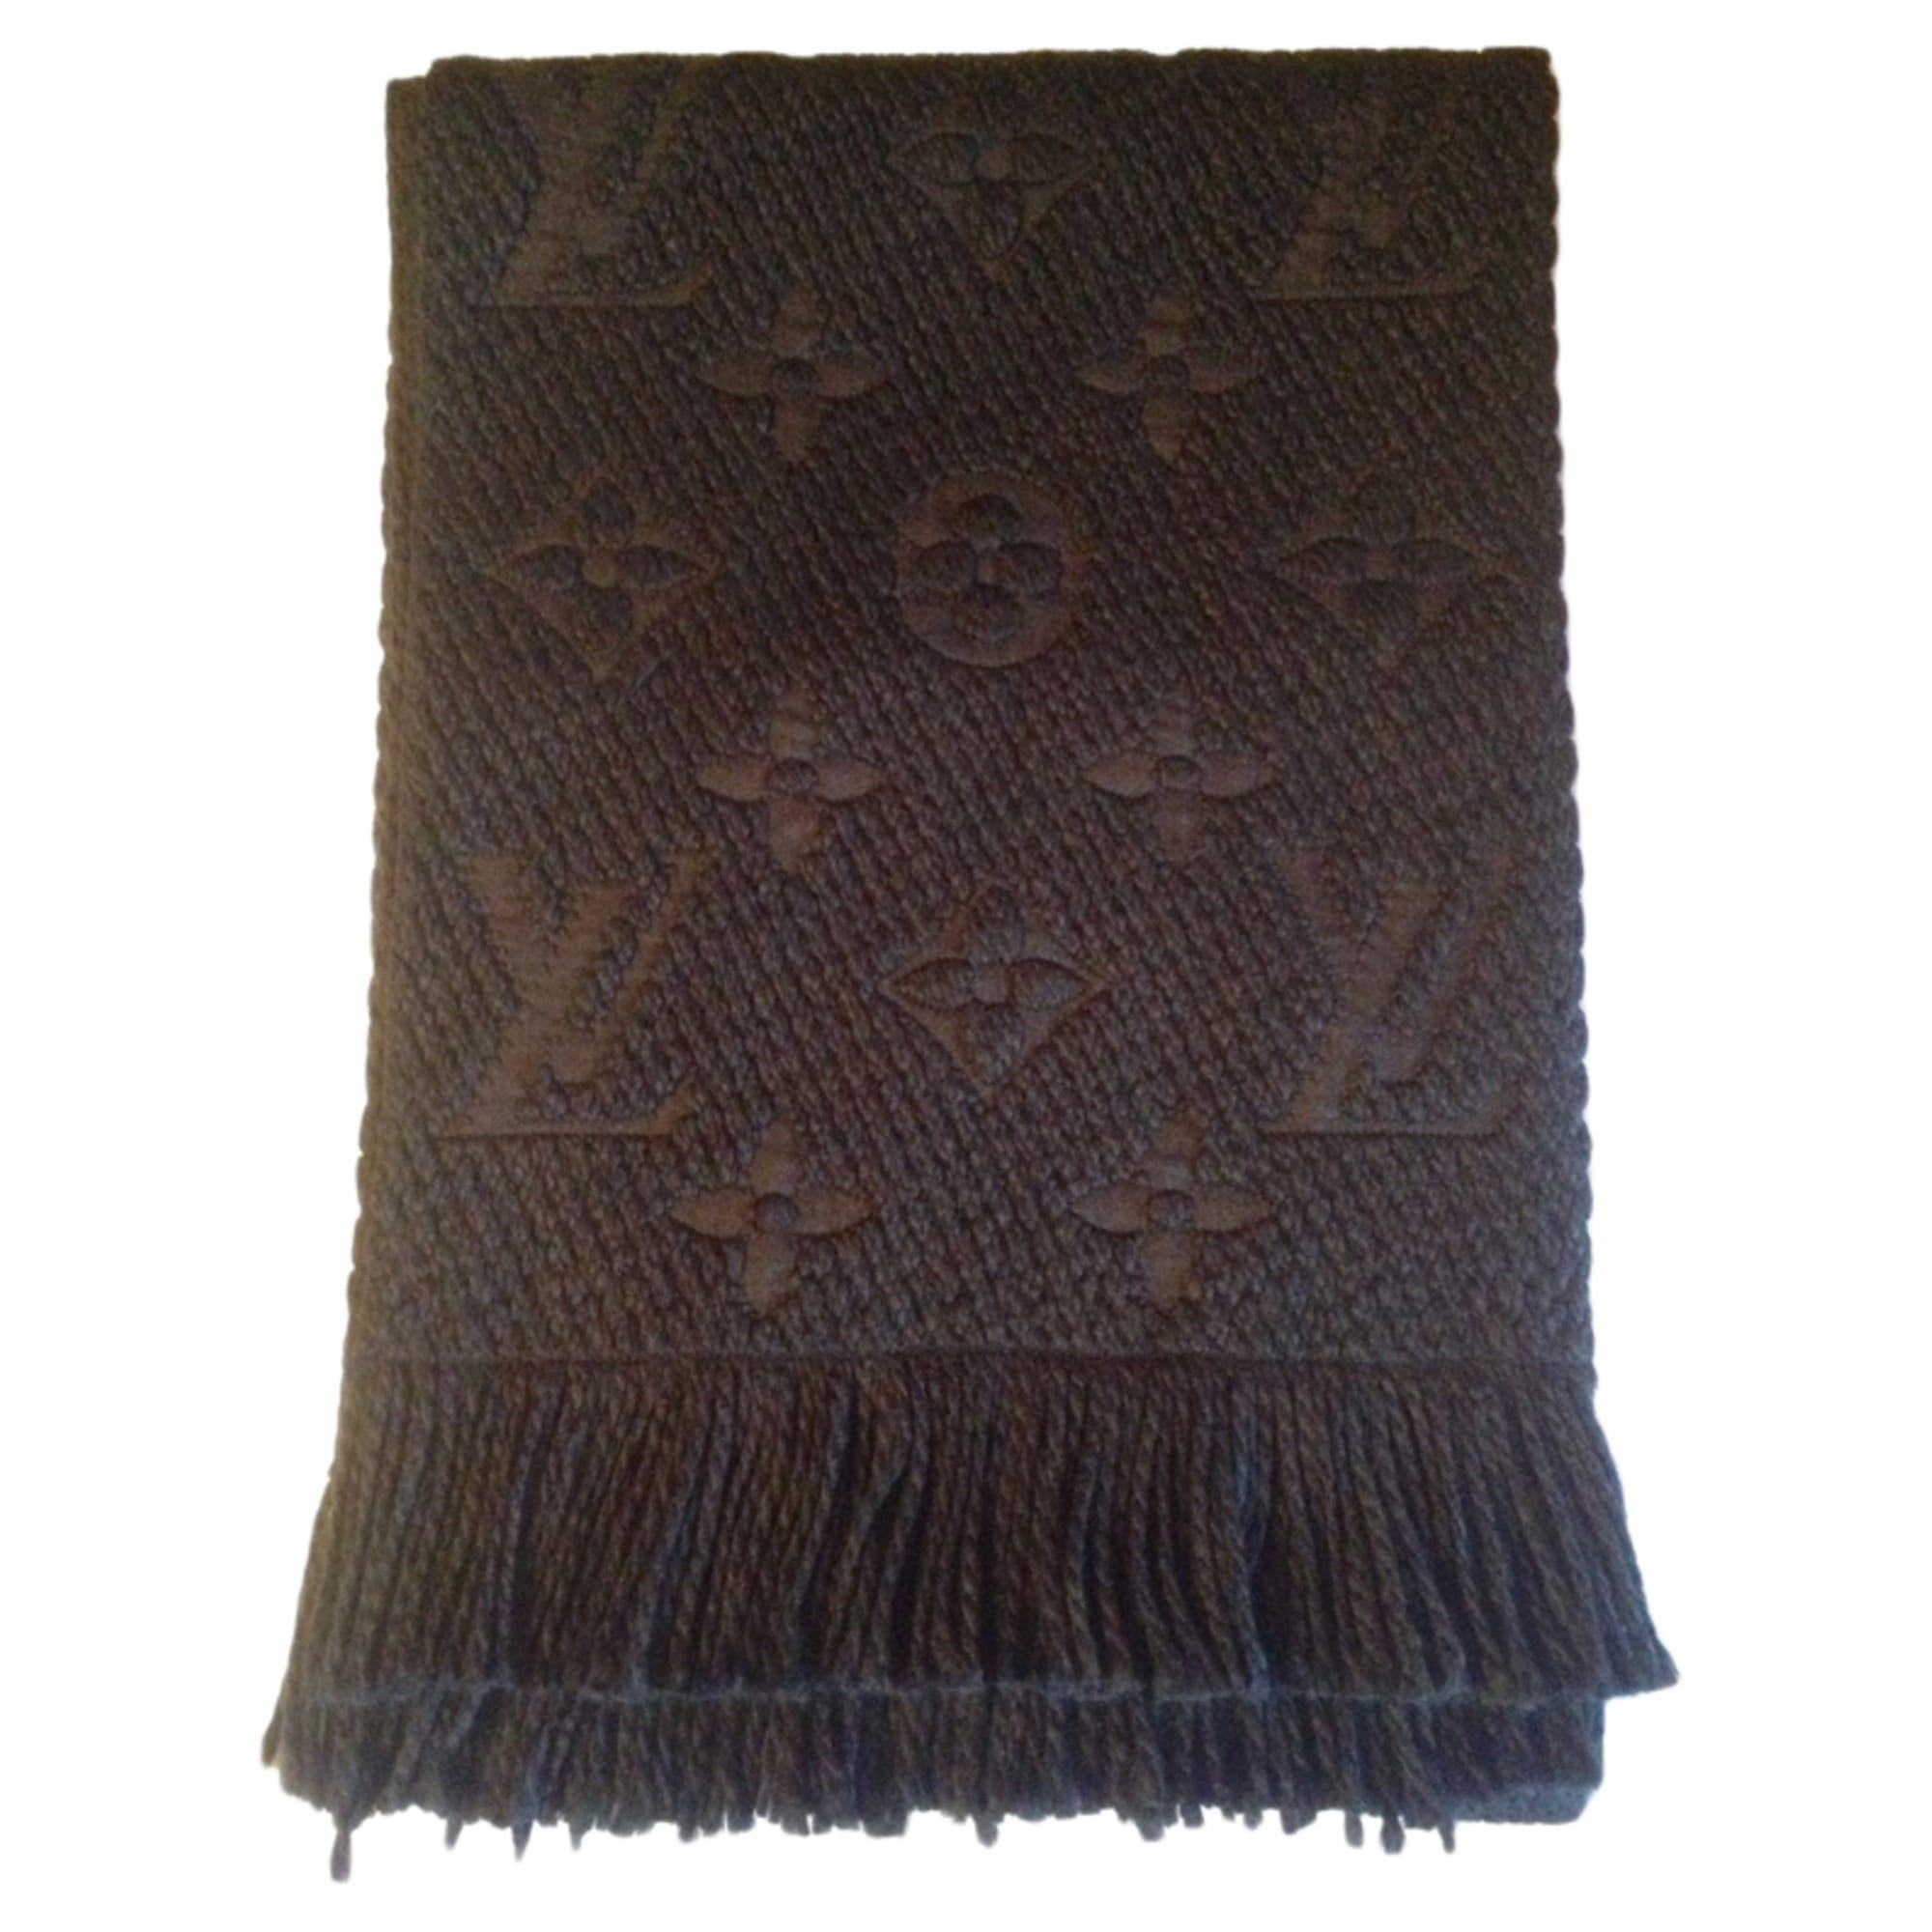 Echarpe LOUIS VUITTON noir vendu par Anais... - 3167552 a831c0f7127